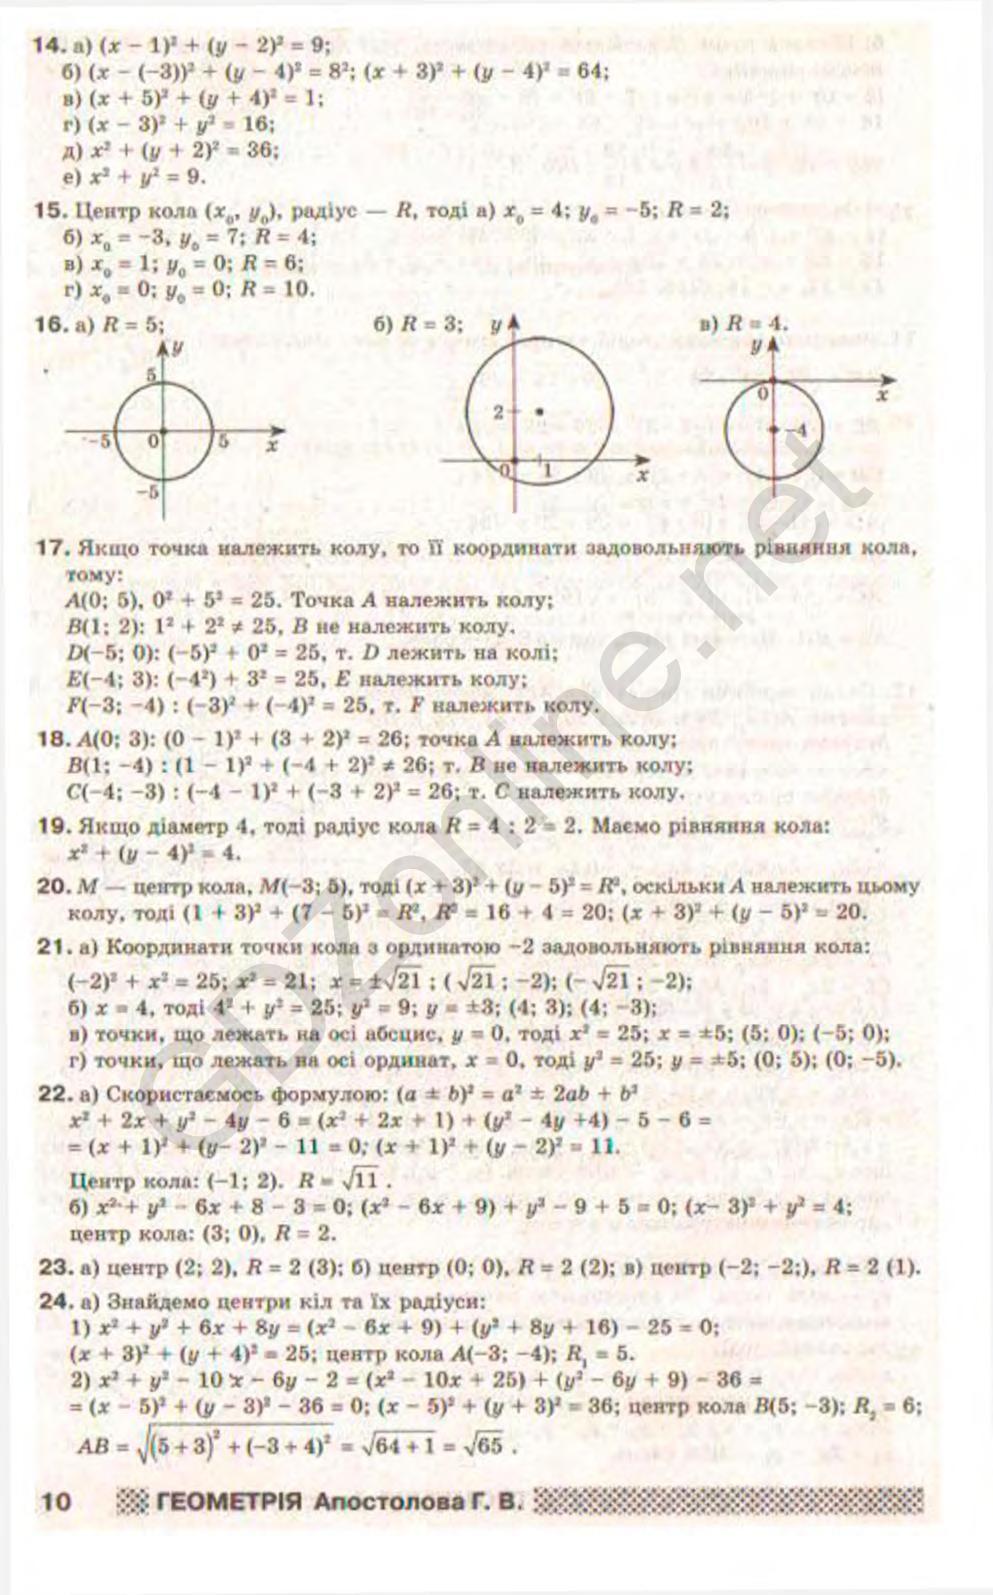 Готовые домашние задания 9 класс геометрия апостолова